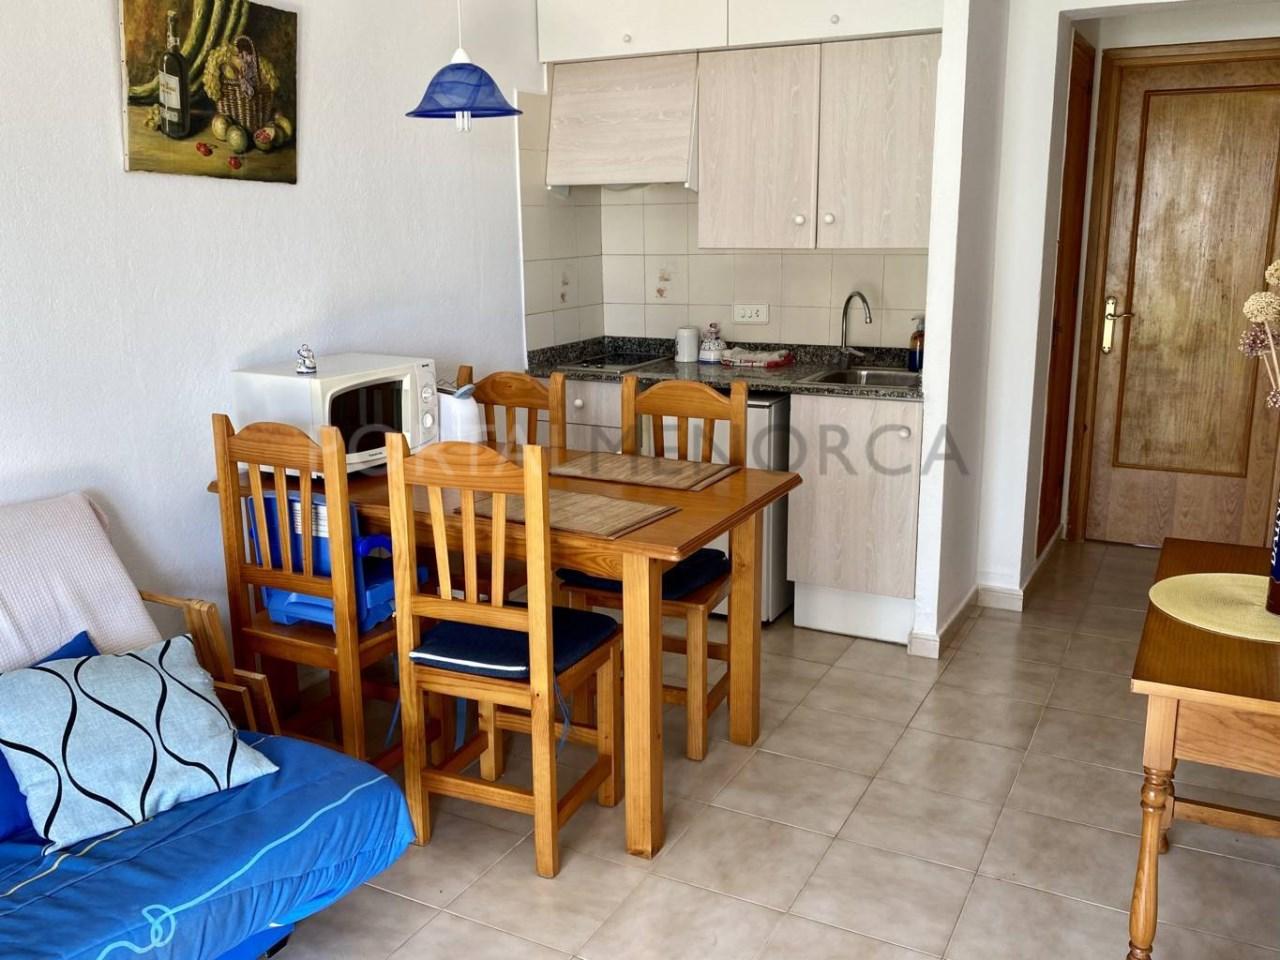 Apartamento en venta en Calan Blanes cocina-comedor FM